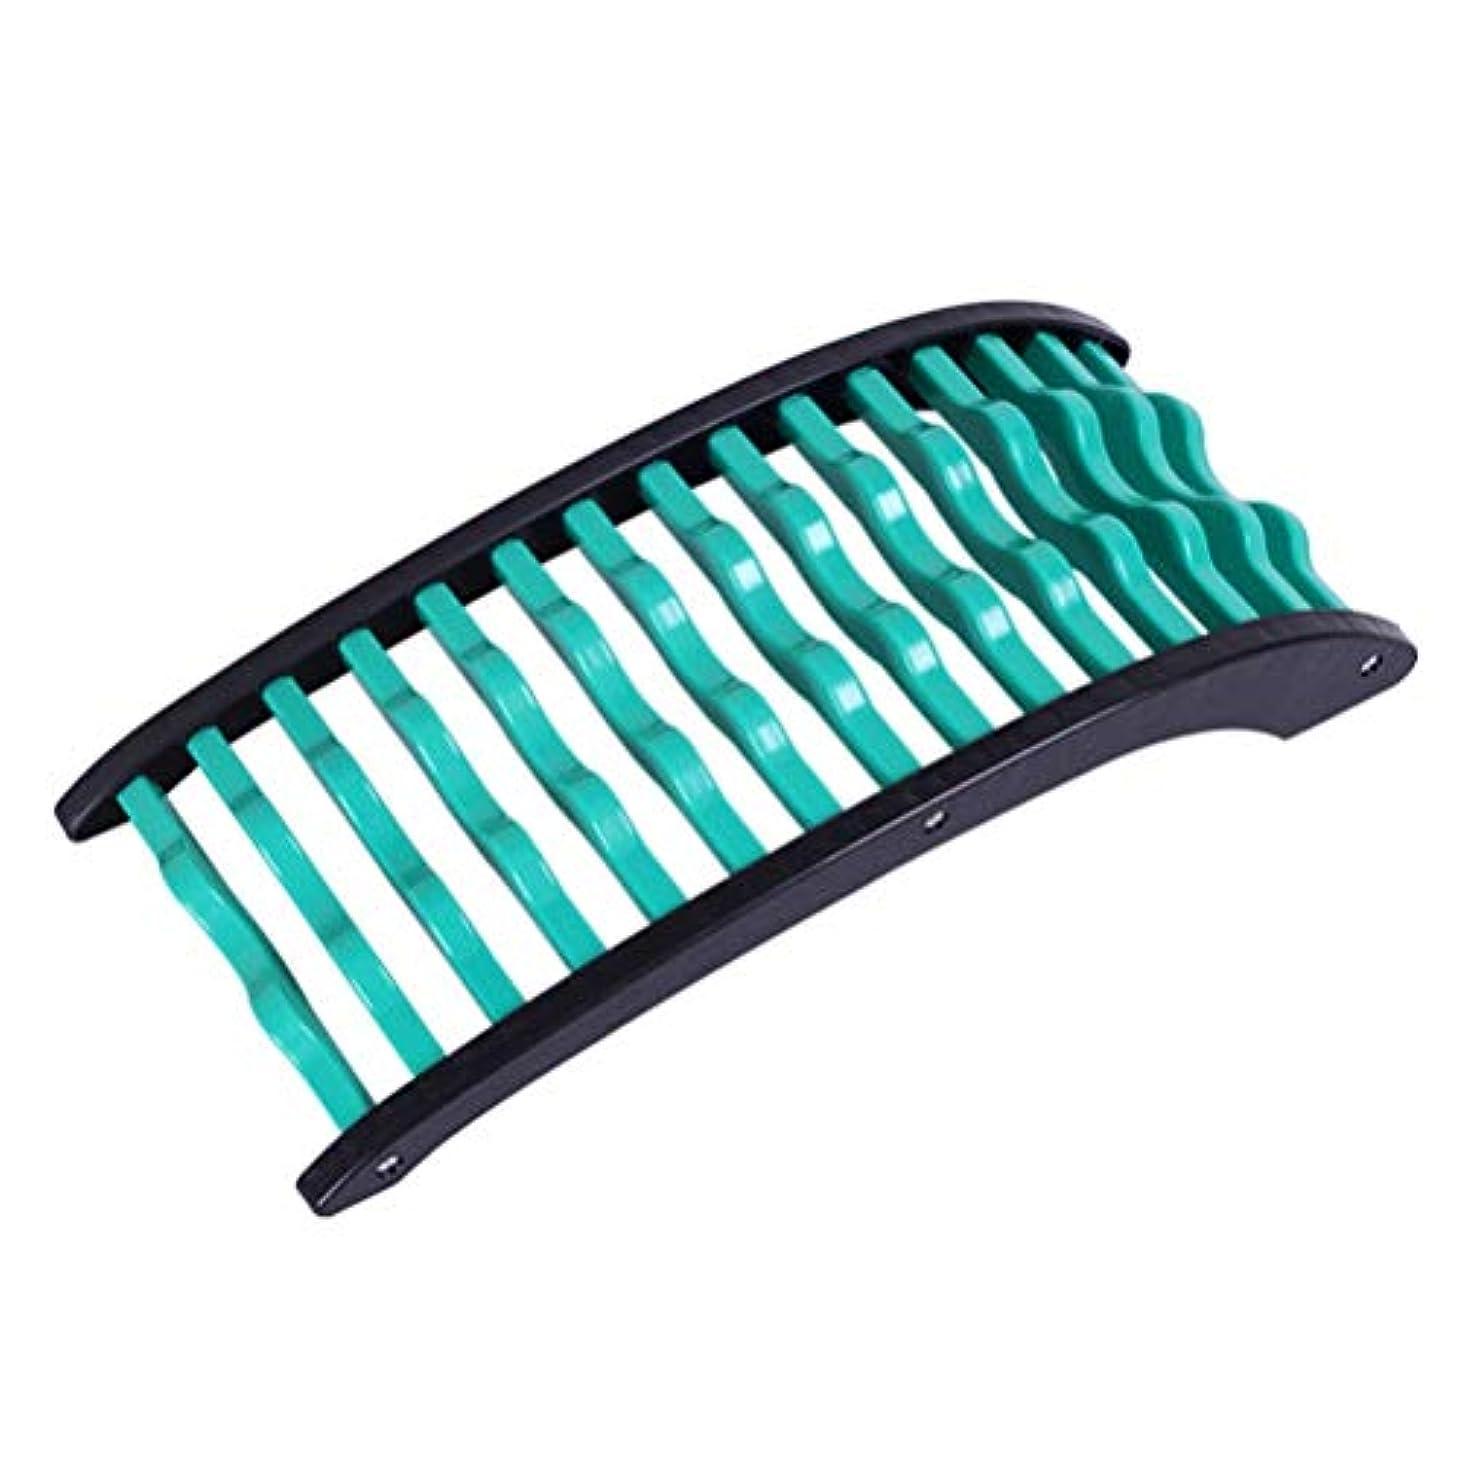 コンセンサス委任アフリカ人バックストレッチャー 腰椎矯正 腰痛リリーフ弧状腰椎引っ張りマッサージ器 寝るだけ簡単 ストレッチ (Color : 緑)